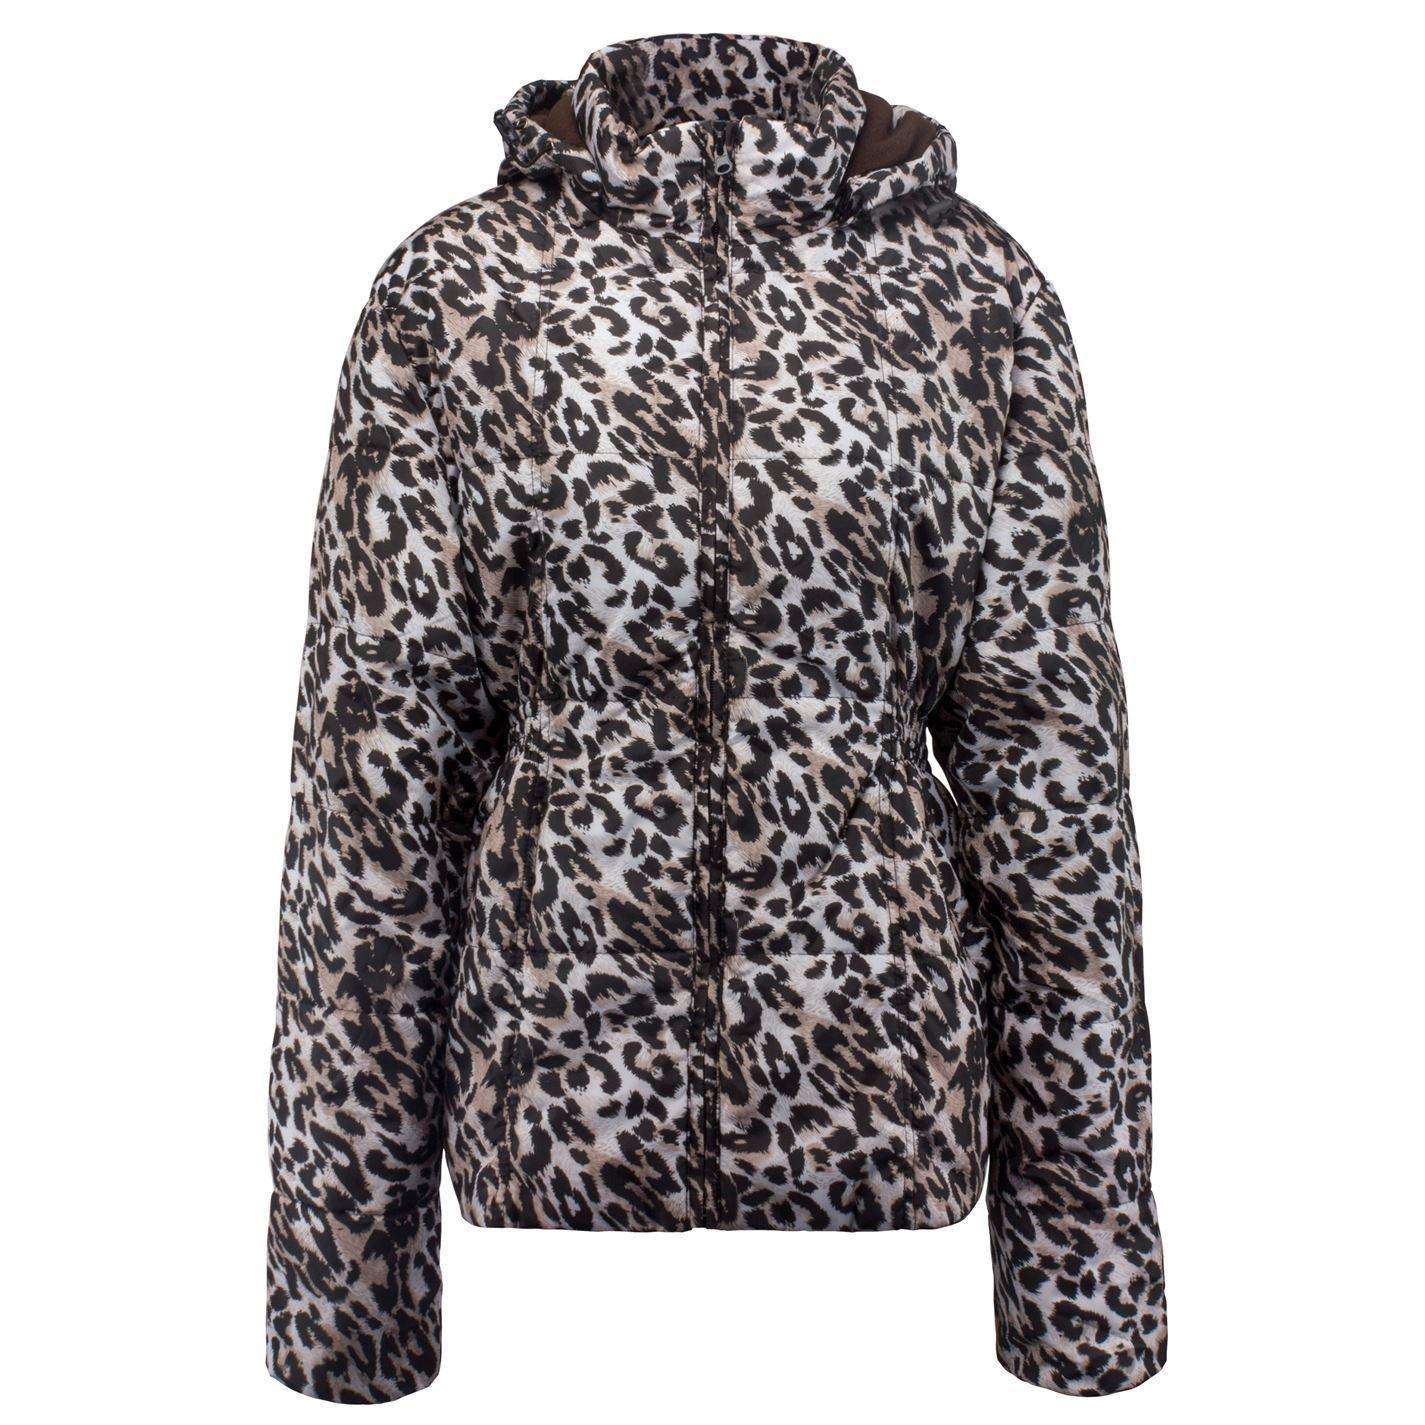 Overtøj Leopard Lee Size Jacket Plus Damefrakker hvid Sort Cooper Print r70xnS7Pq